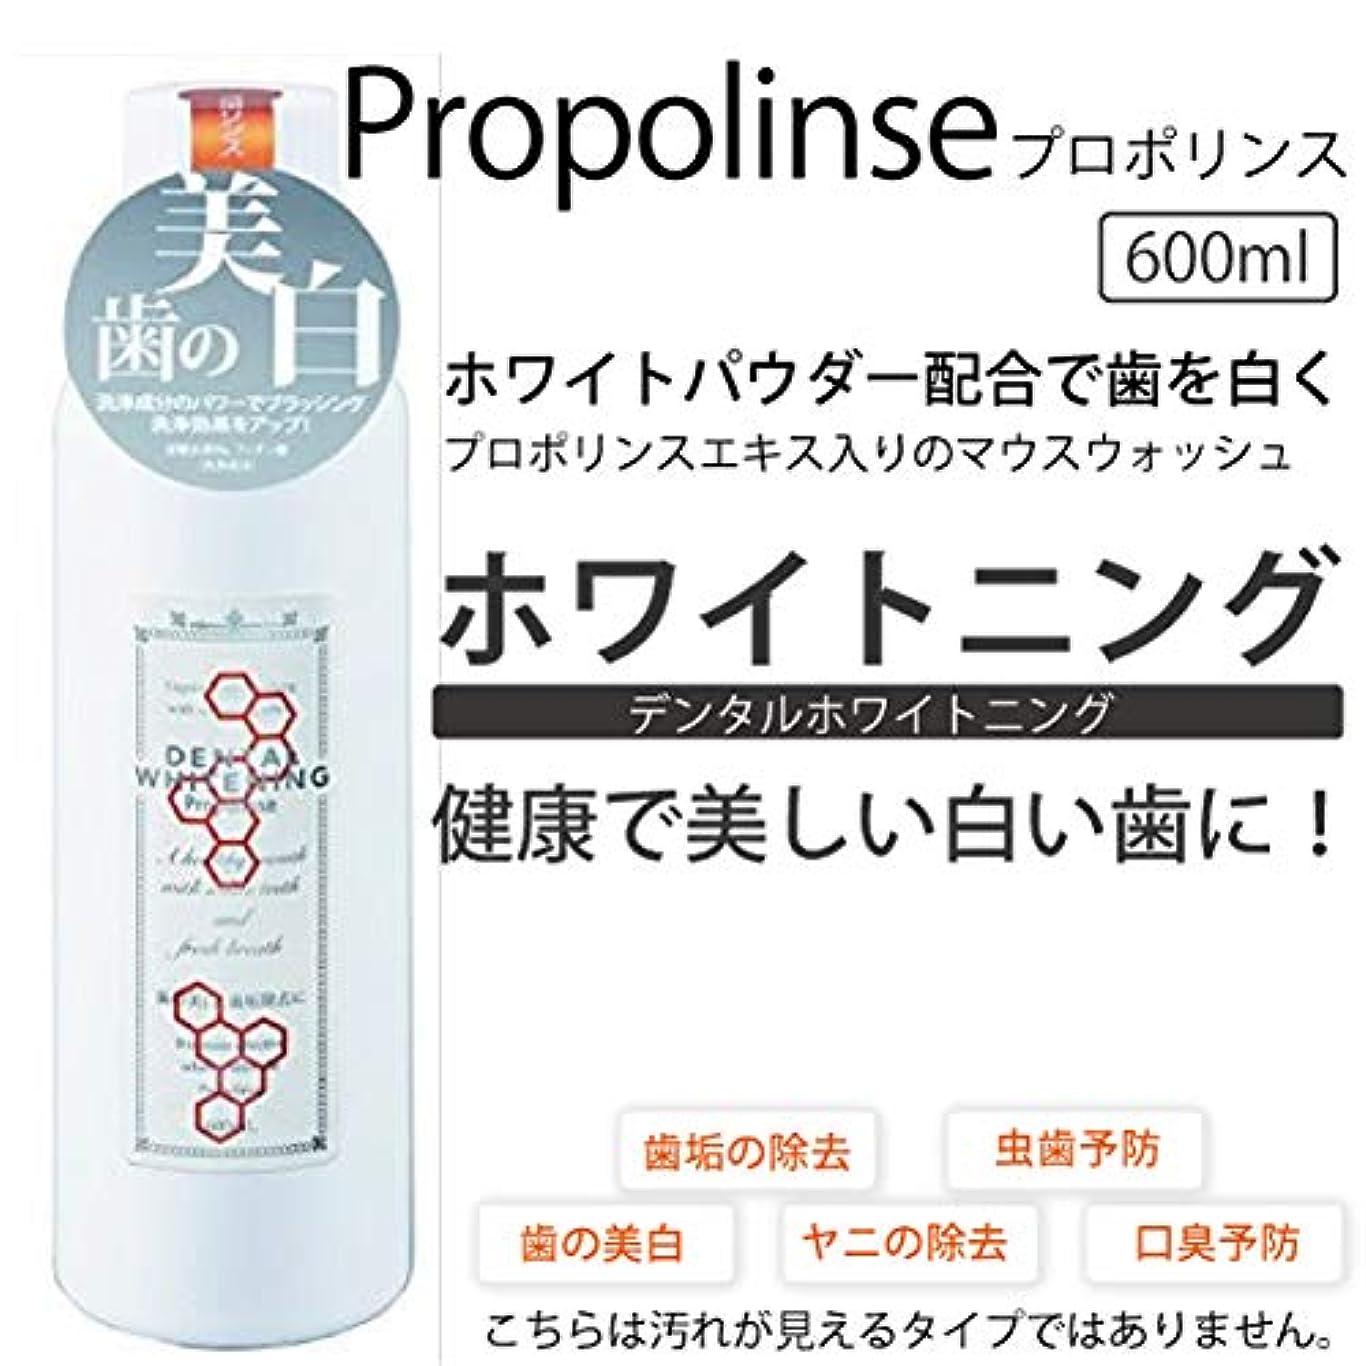 請求書空白落胆するプロポリンス マウスウォッシュ デンタルホワイトニング (ホワイトパウダー配合で歯を白く) 600ml [30本セット] 口臭対策